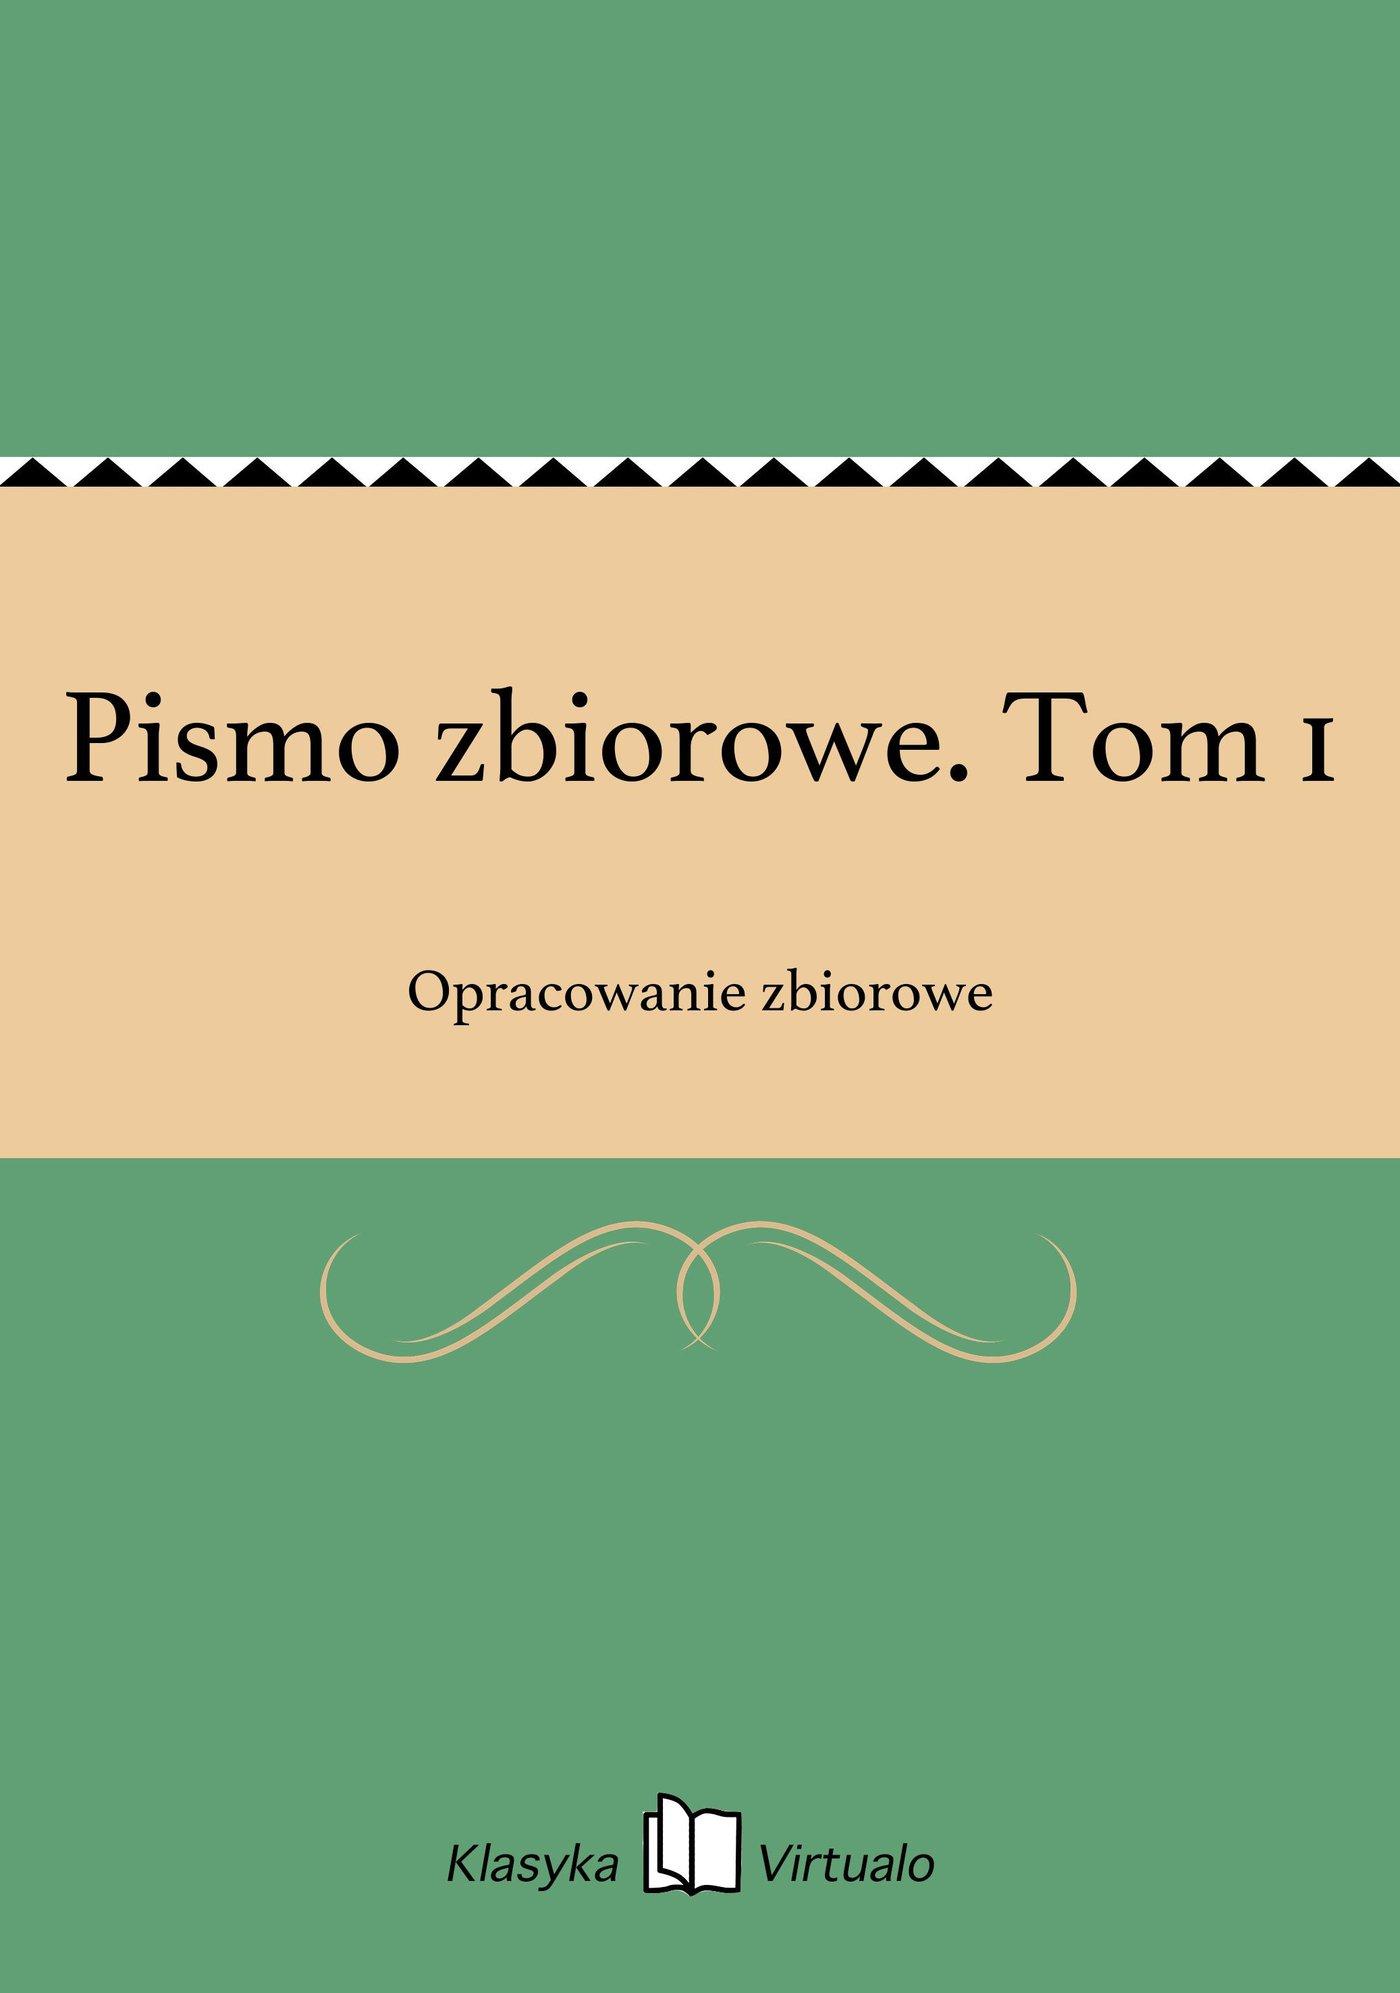 Pismo zbiorowe. Tom 1 - Ebook (Książka na Kindle) do pobrania w formacie MOBI